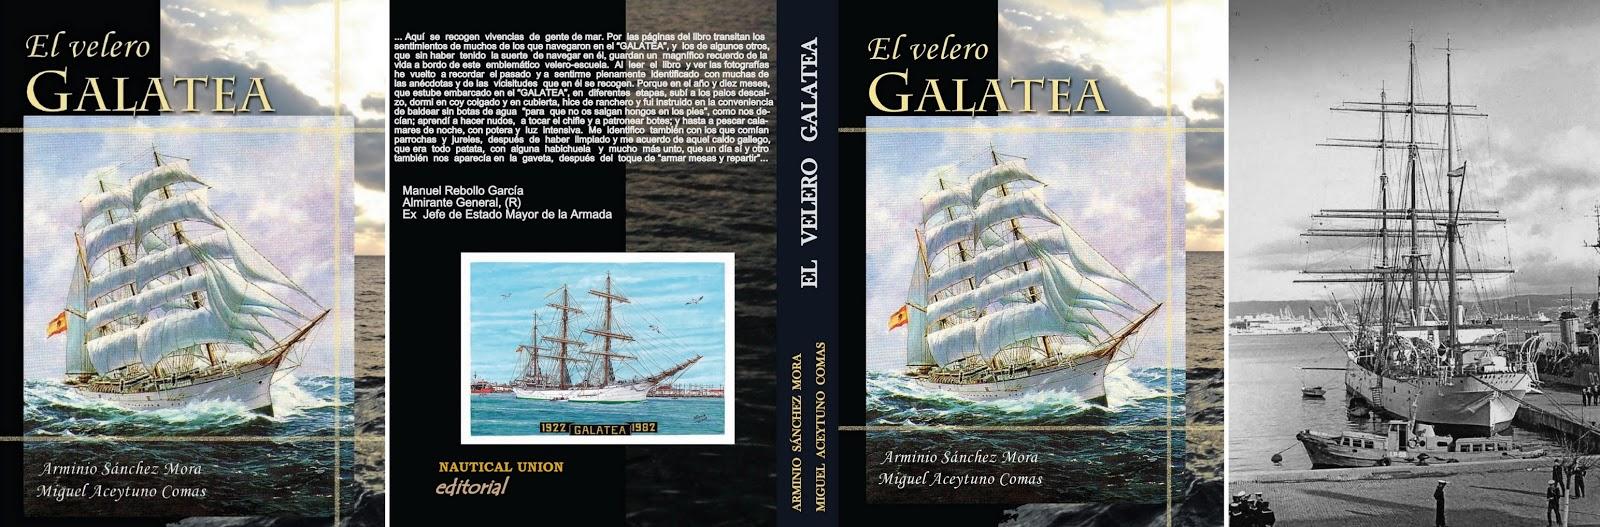 """Presentación de libro  """"El velero Galatea"""""""